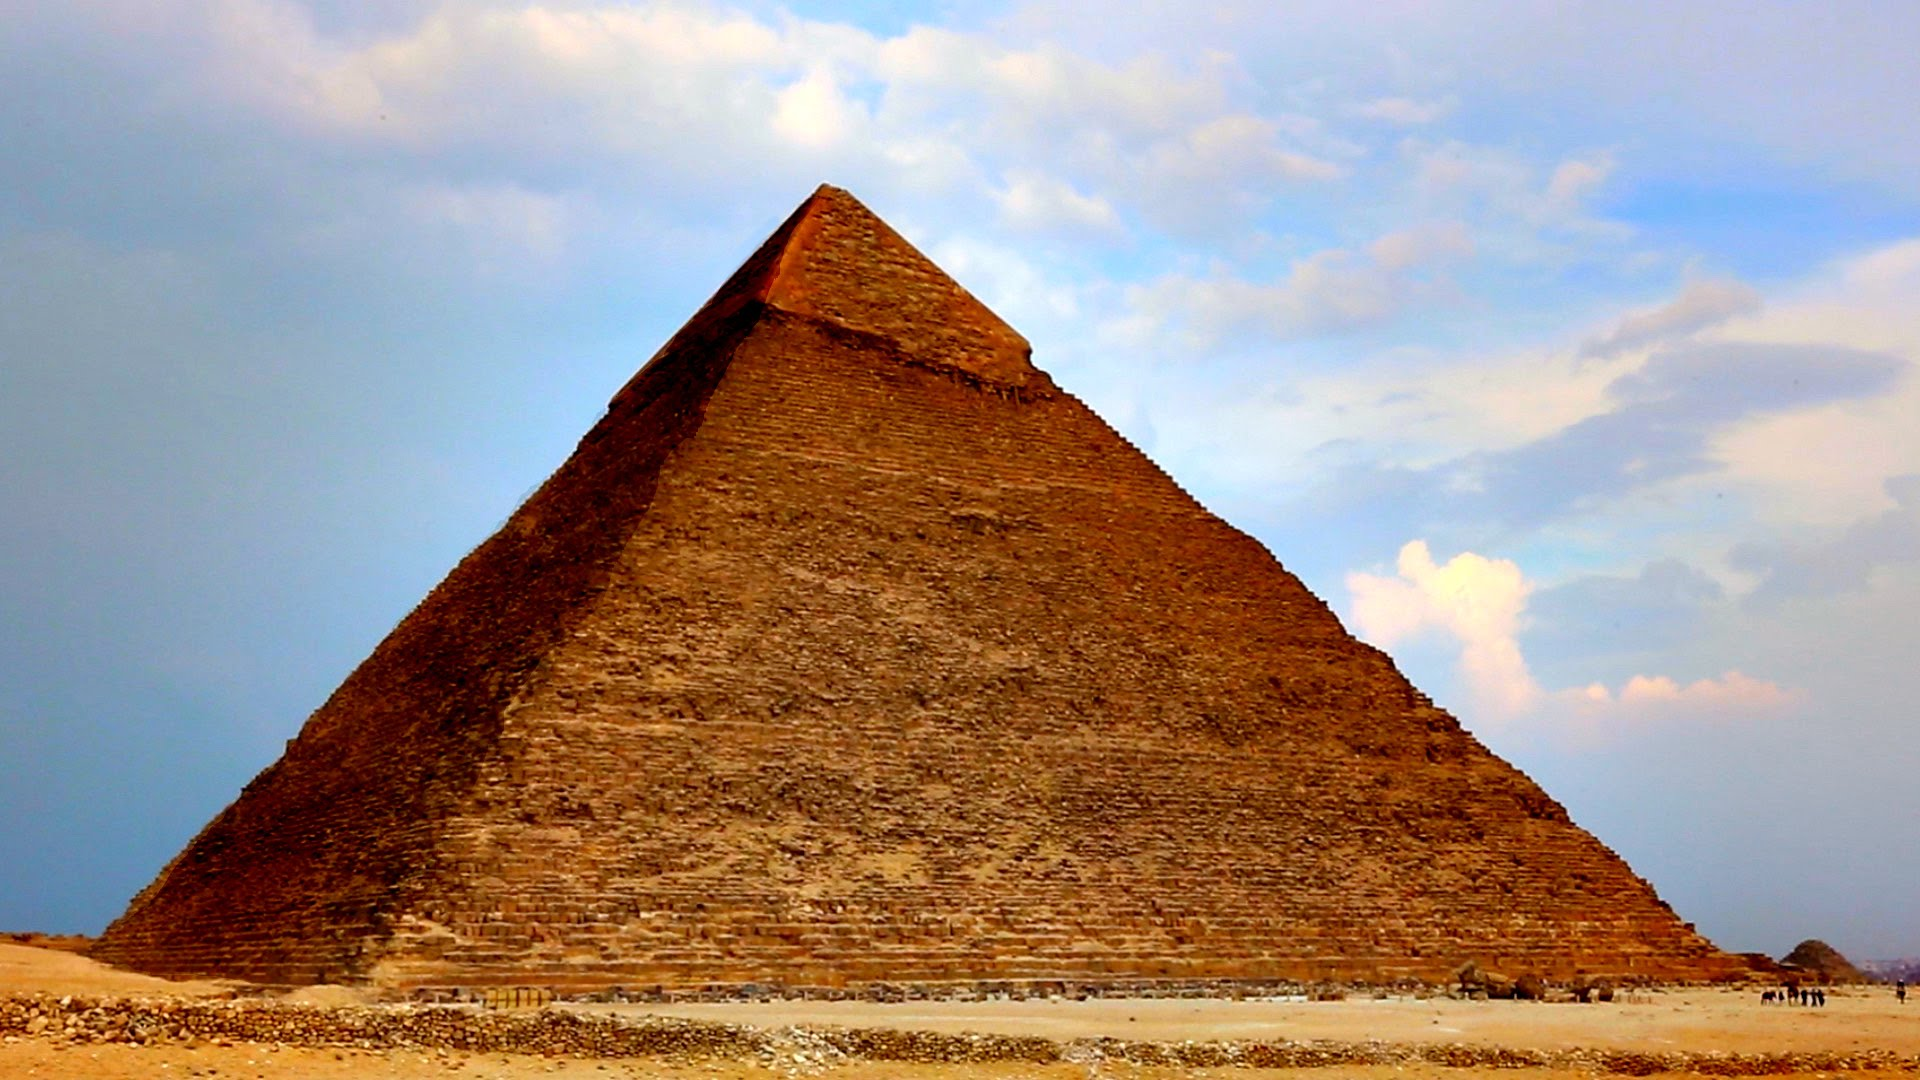 pirâmide com algumas pessoas no canto direito inferior, e no fundo o céu azul com algumas nuvens e manchas rosas